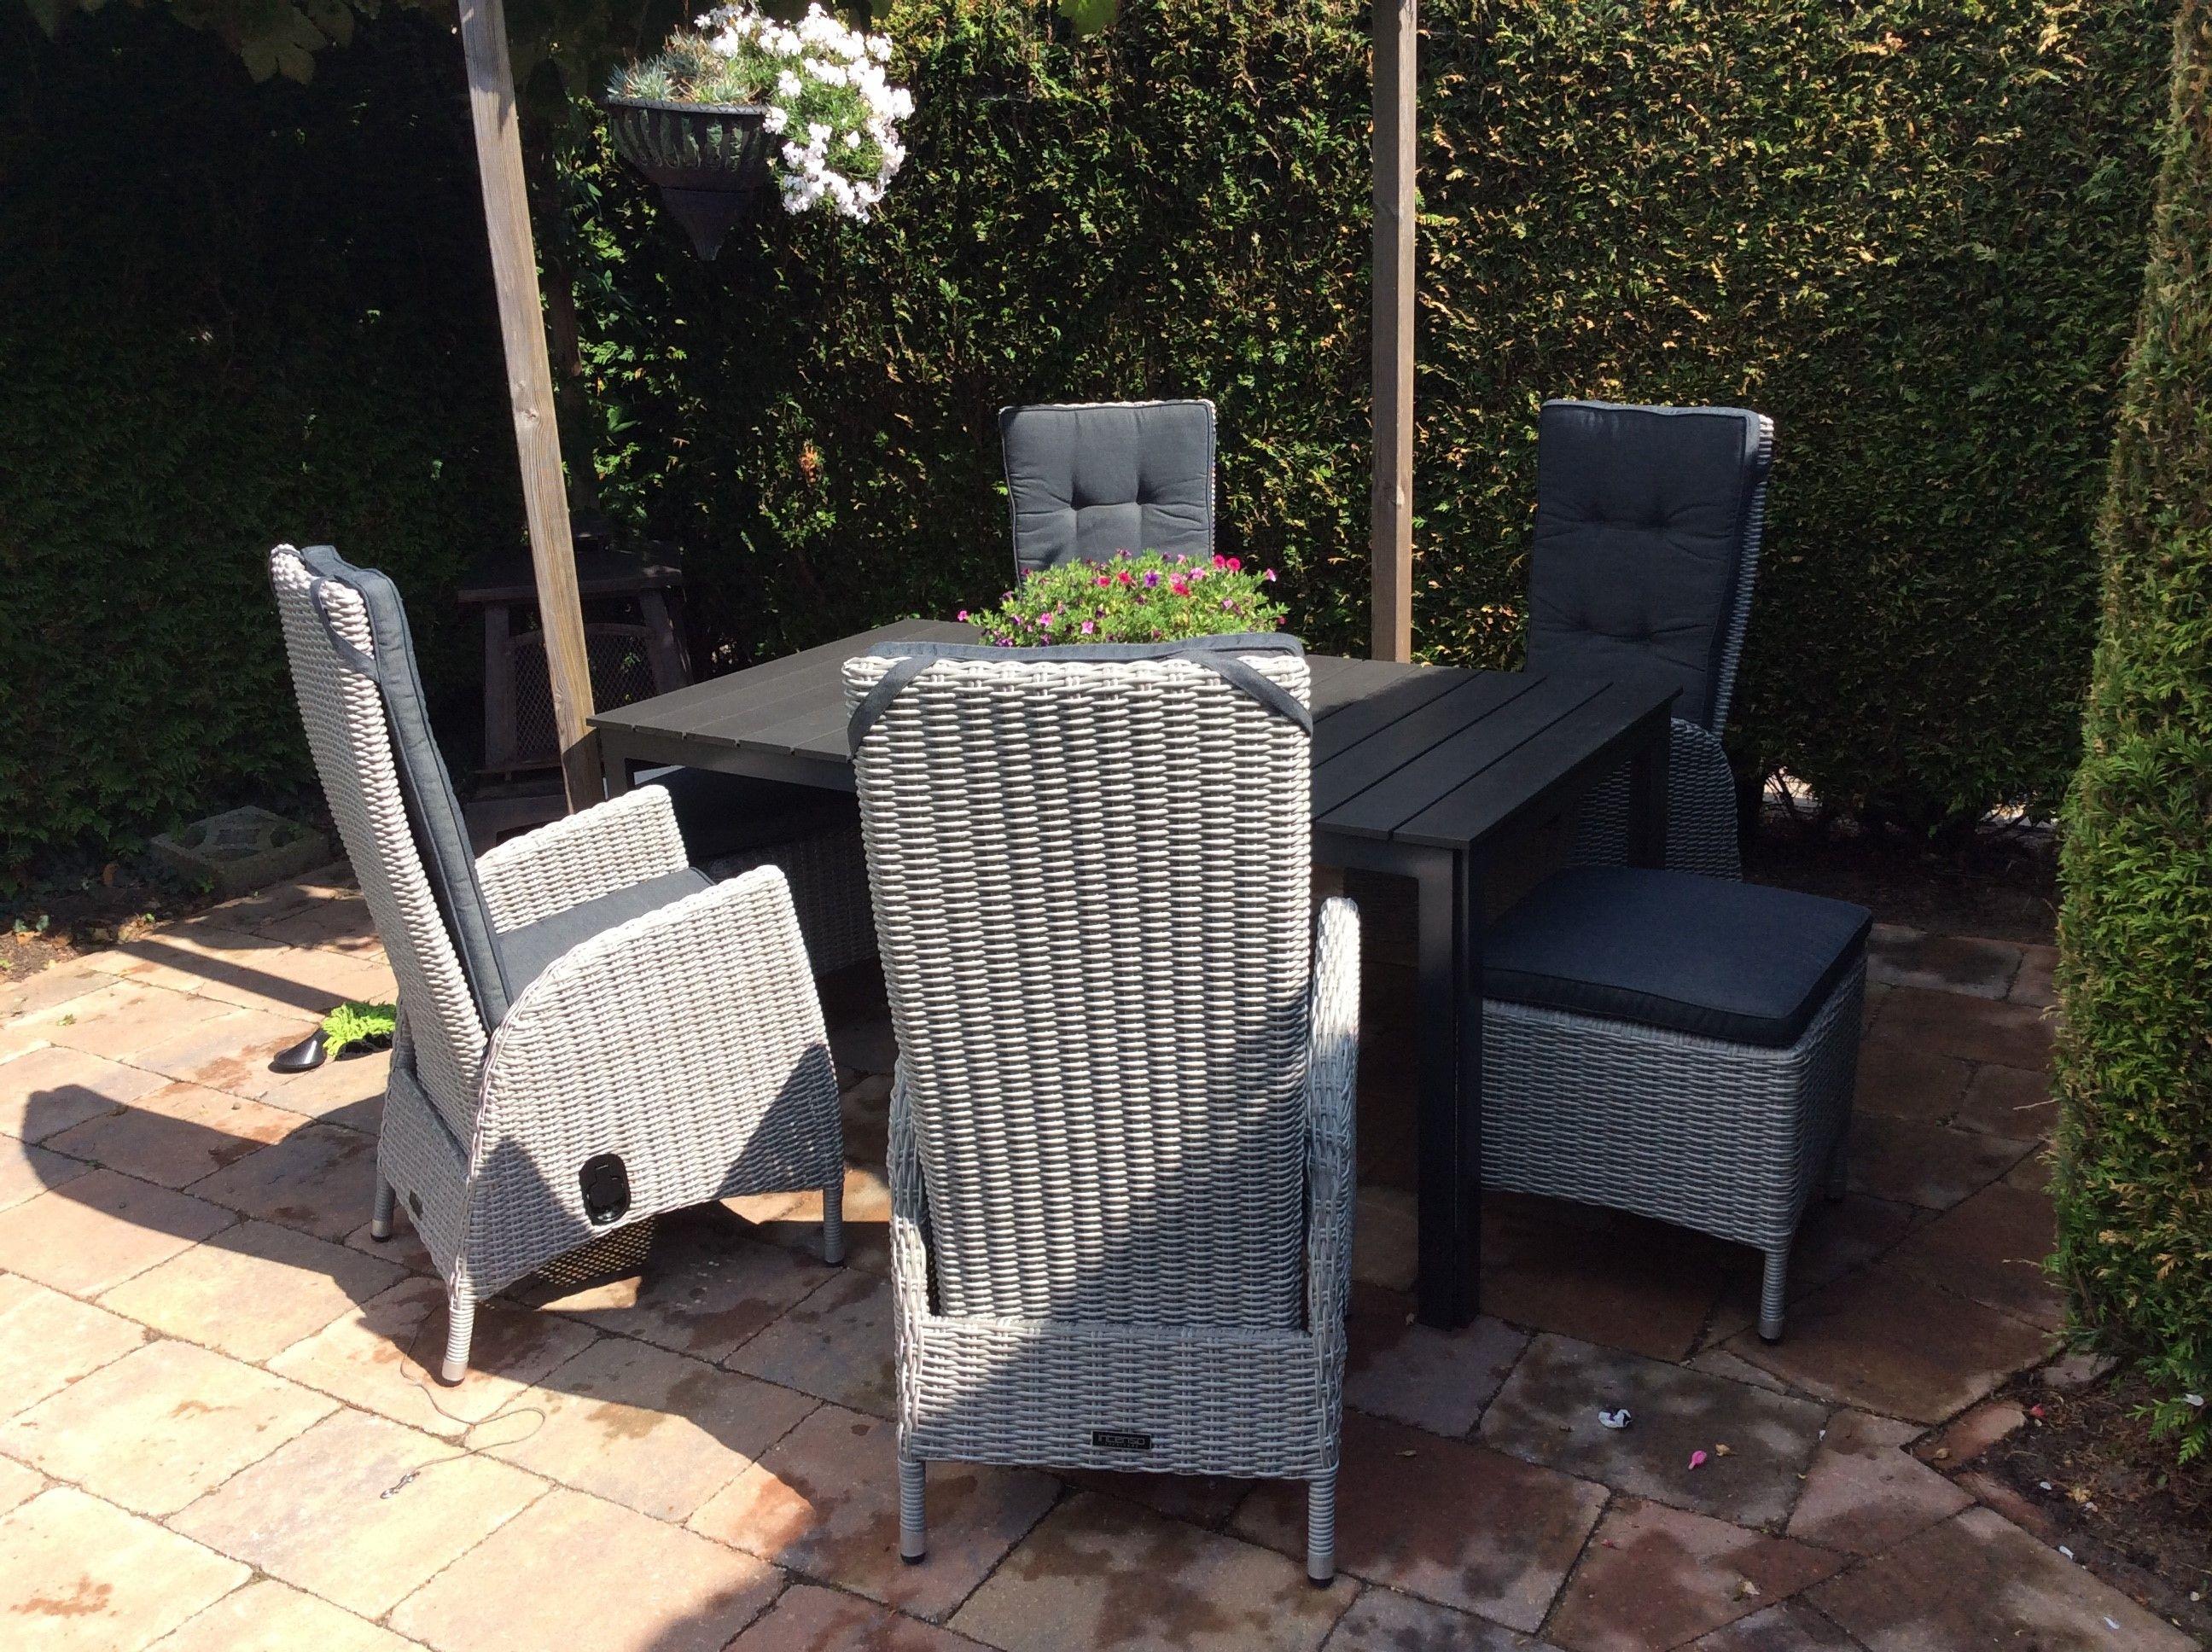 Zwarte tuintafel met grijze gevlochten loungestoelen - Kees smit gartenmobel ...